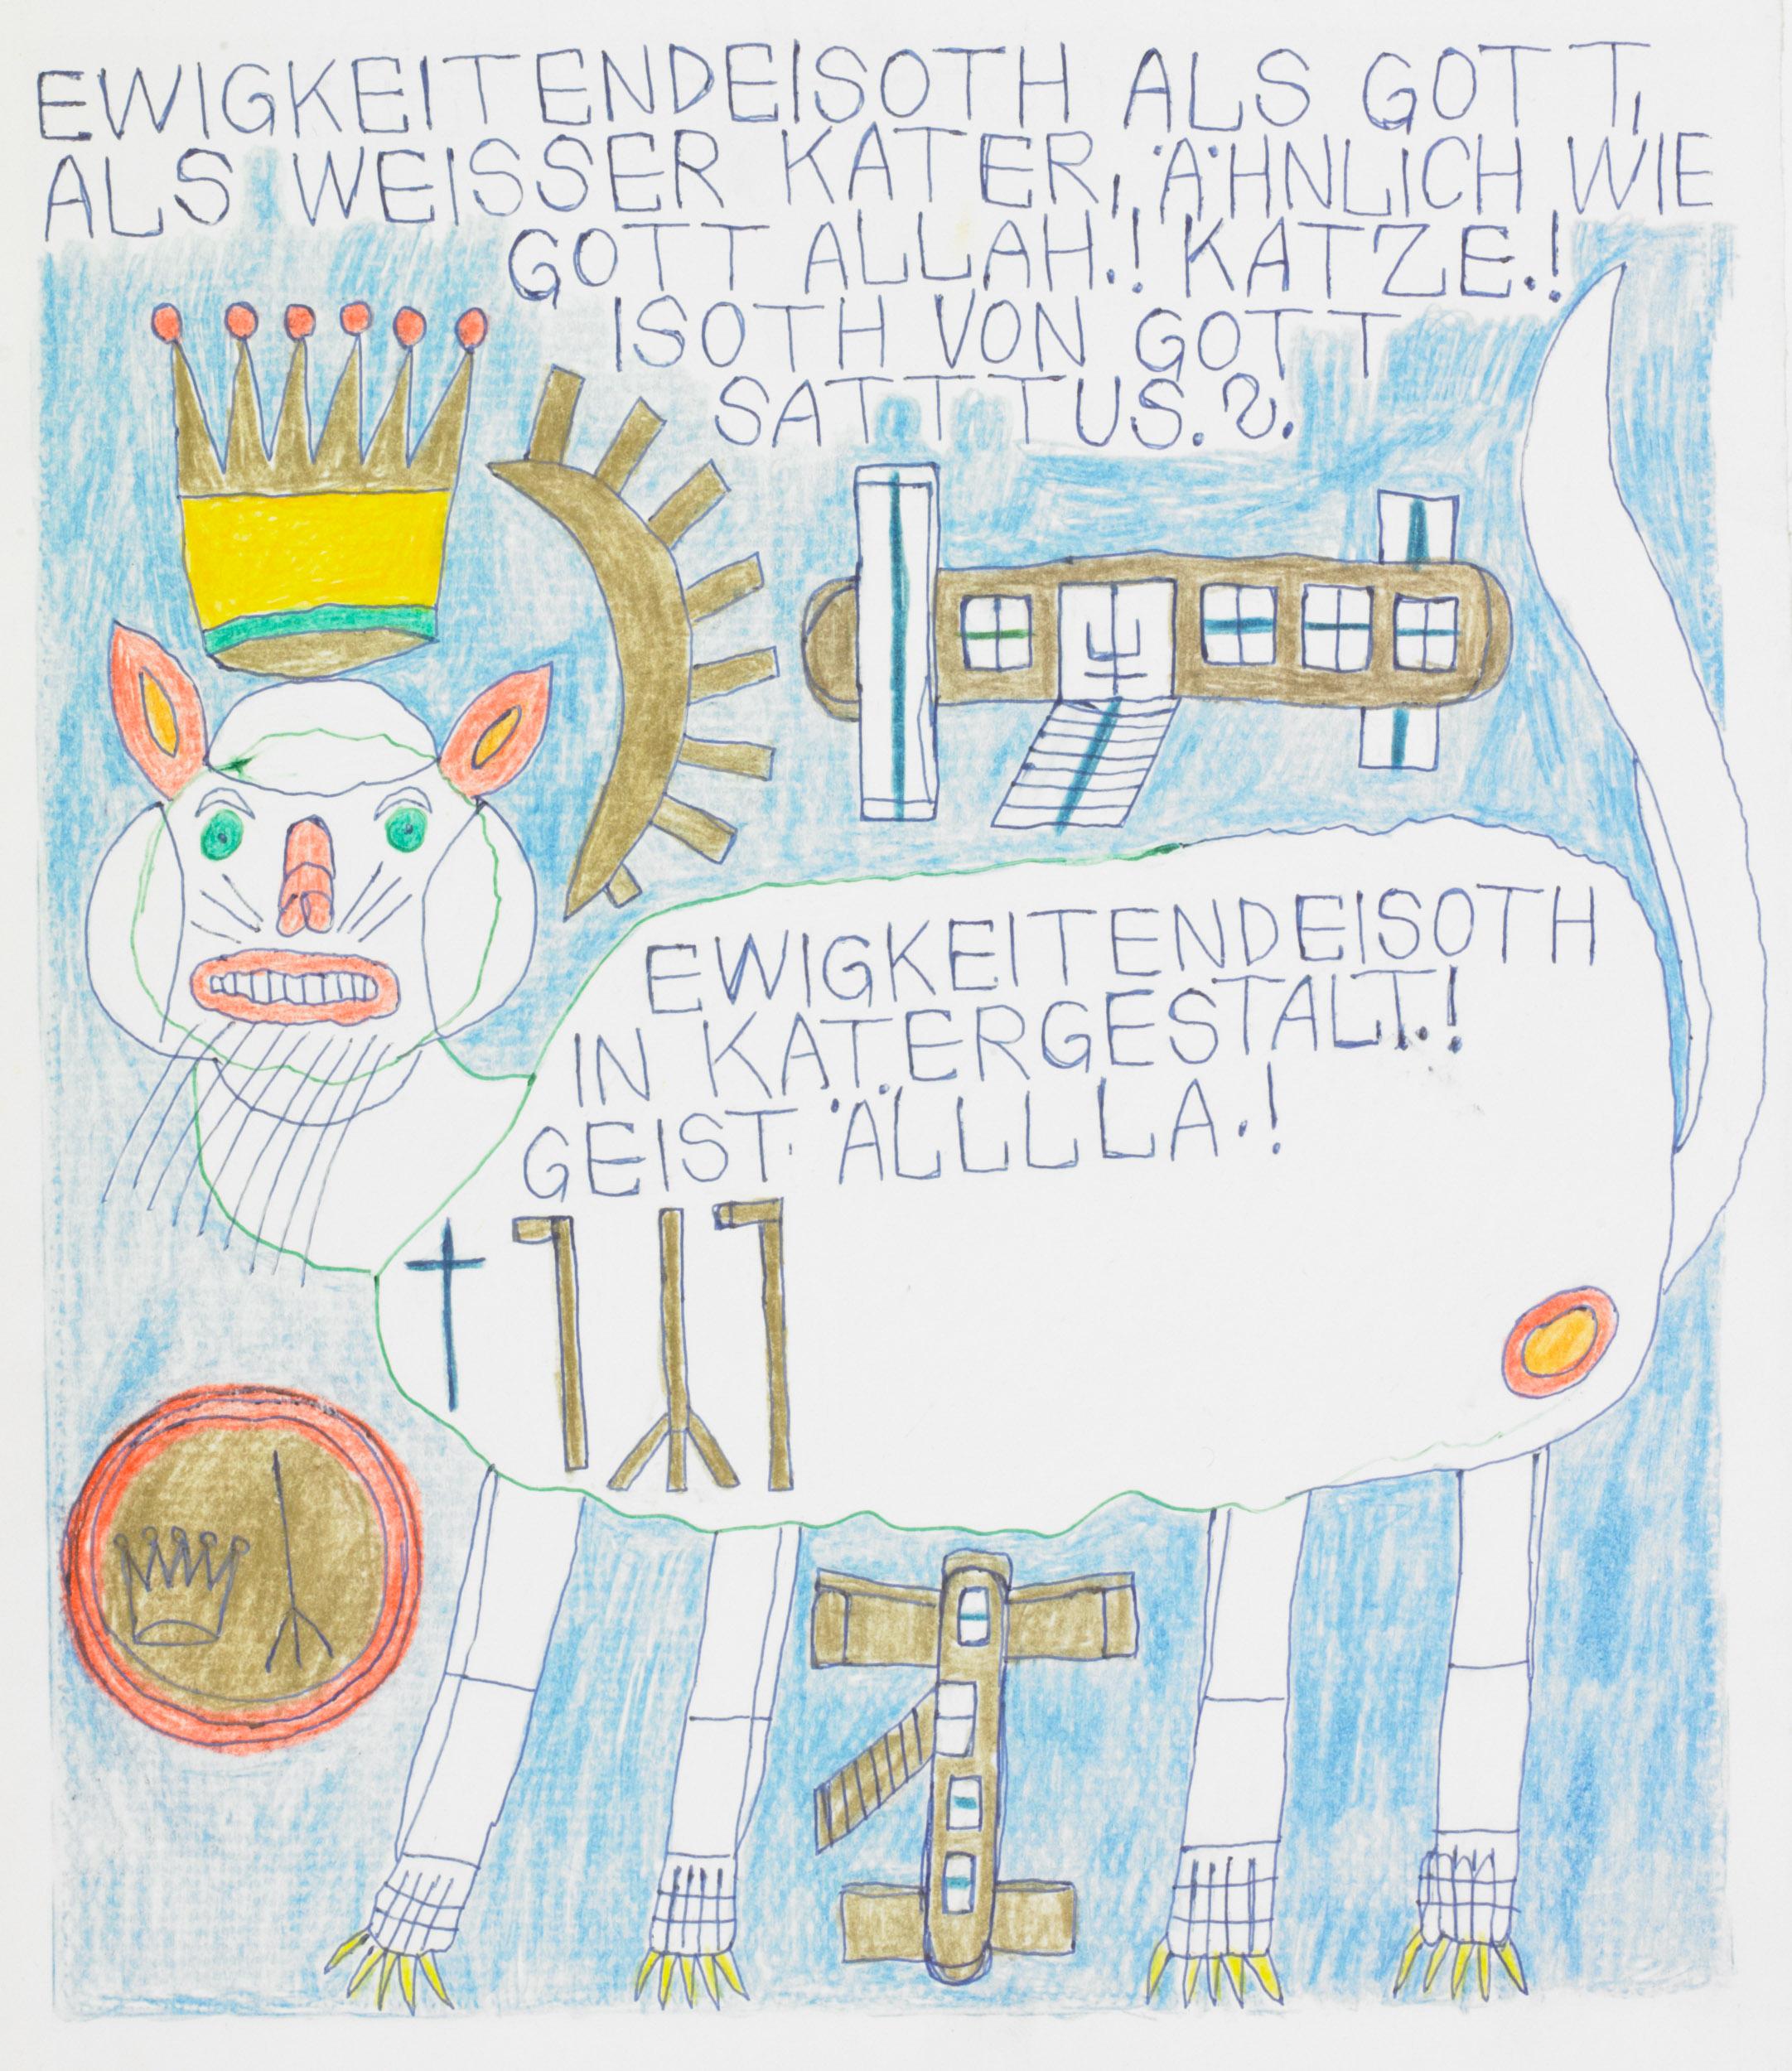 walla august - EWIGKEITENDEISOTH